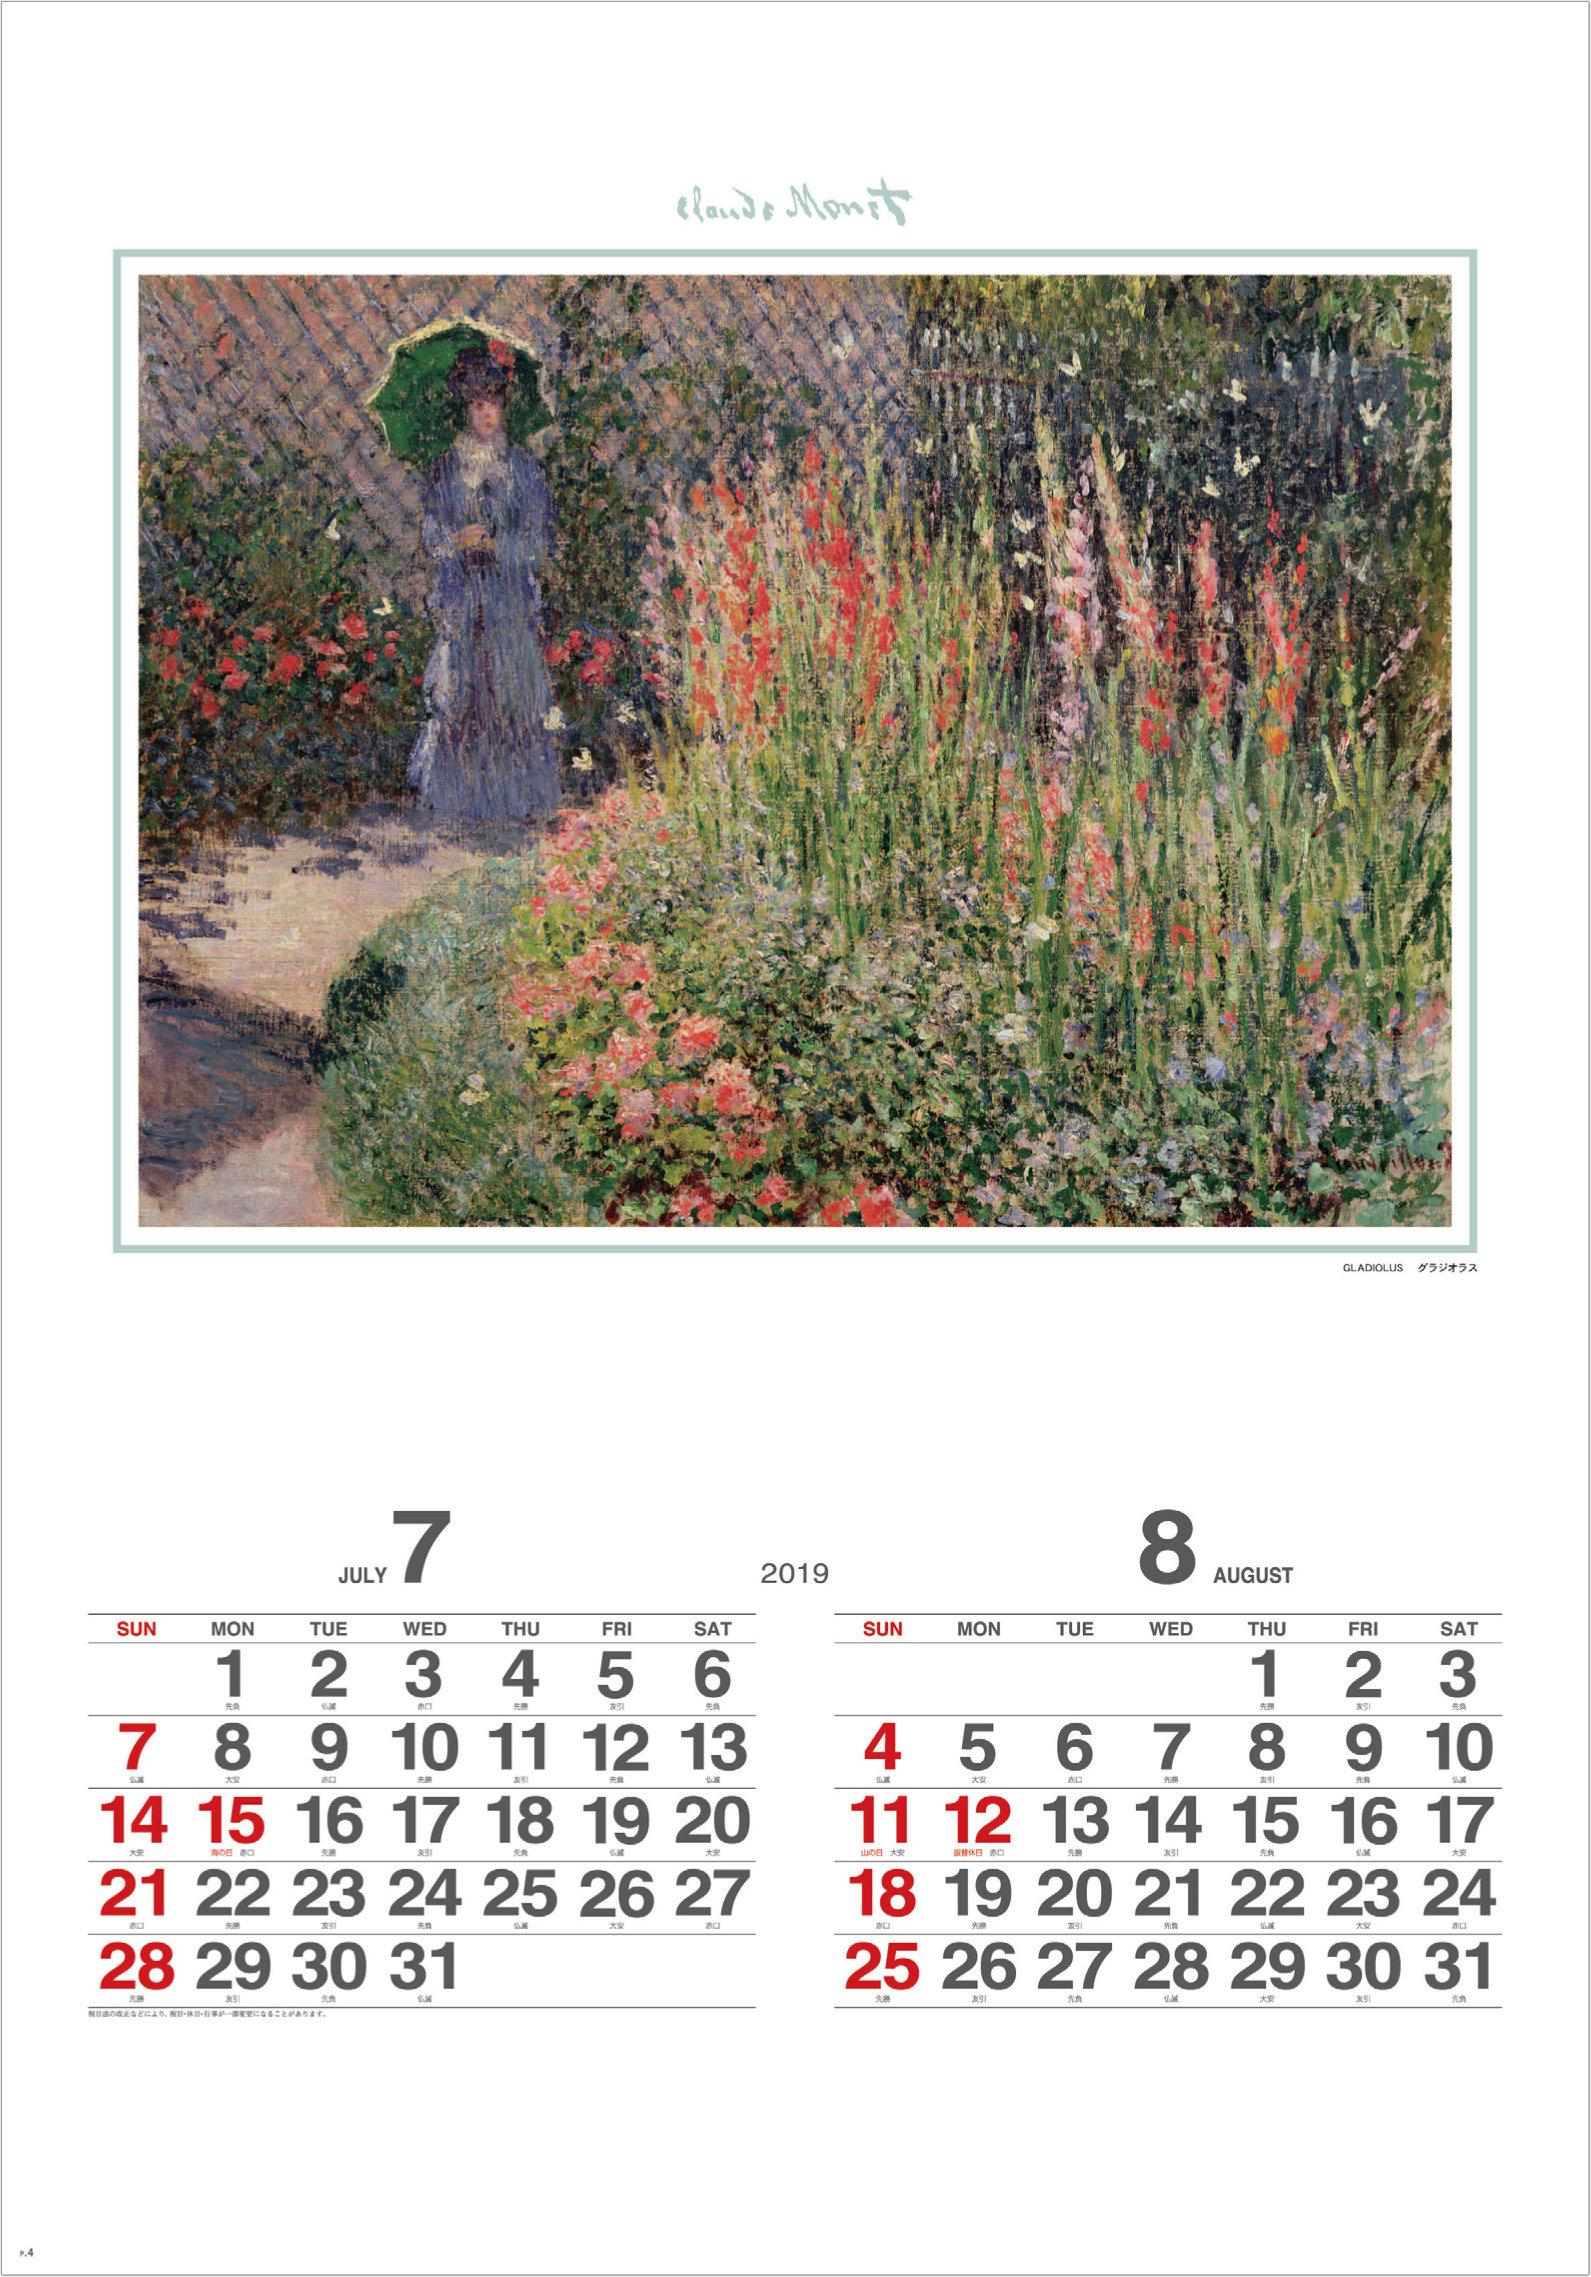 画像:モネ作品「グラジオラス」 モネ絵画集(フィルムカレンダー) 2019年カレンダー